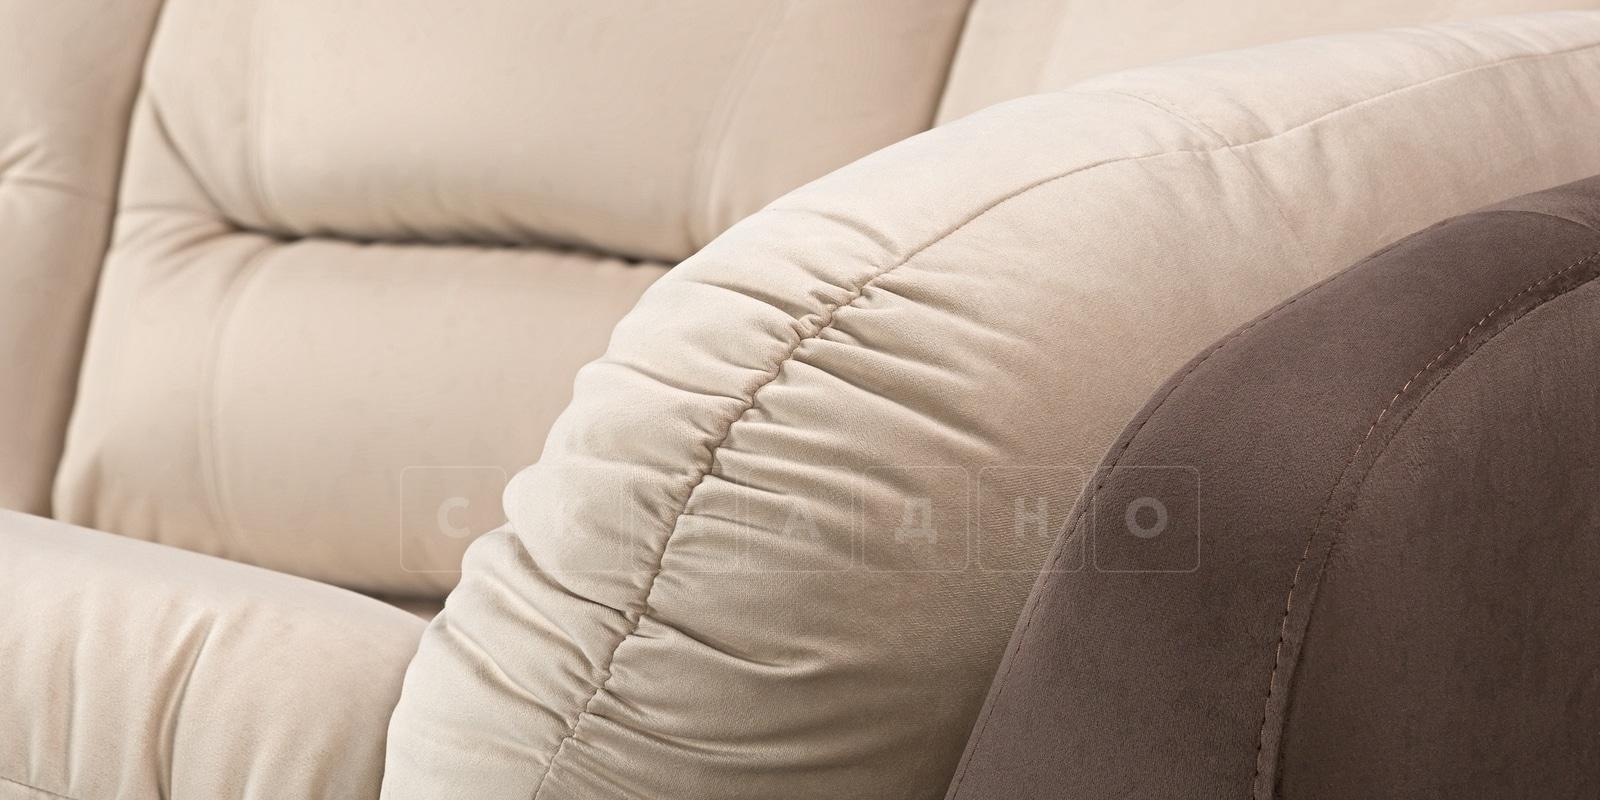 Диван угловой Бристоль велюр бежевый с коричневым правый угол фото 5 | интернет-магазин Складно